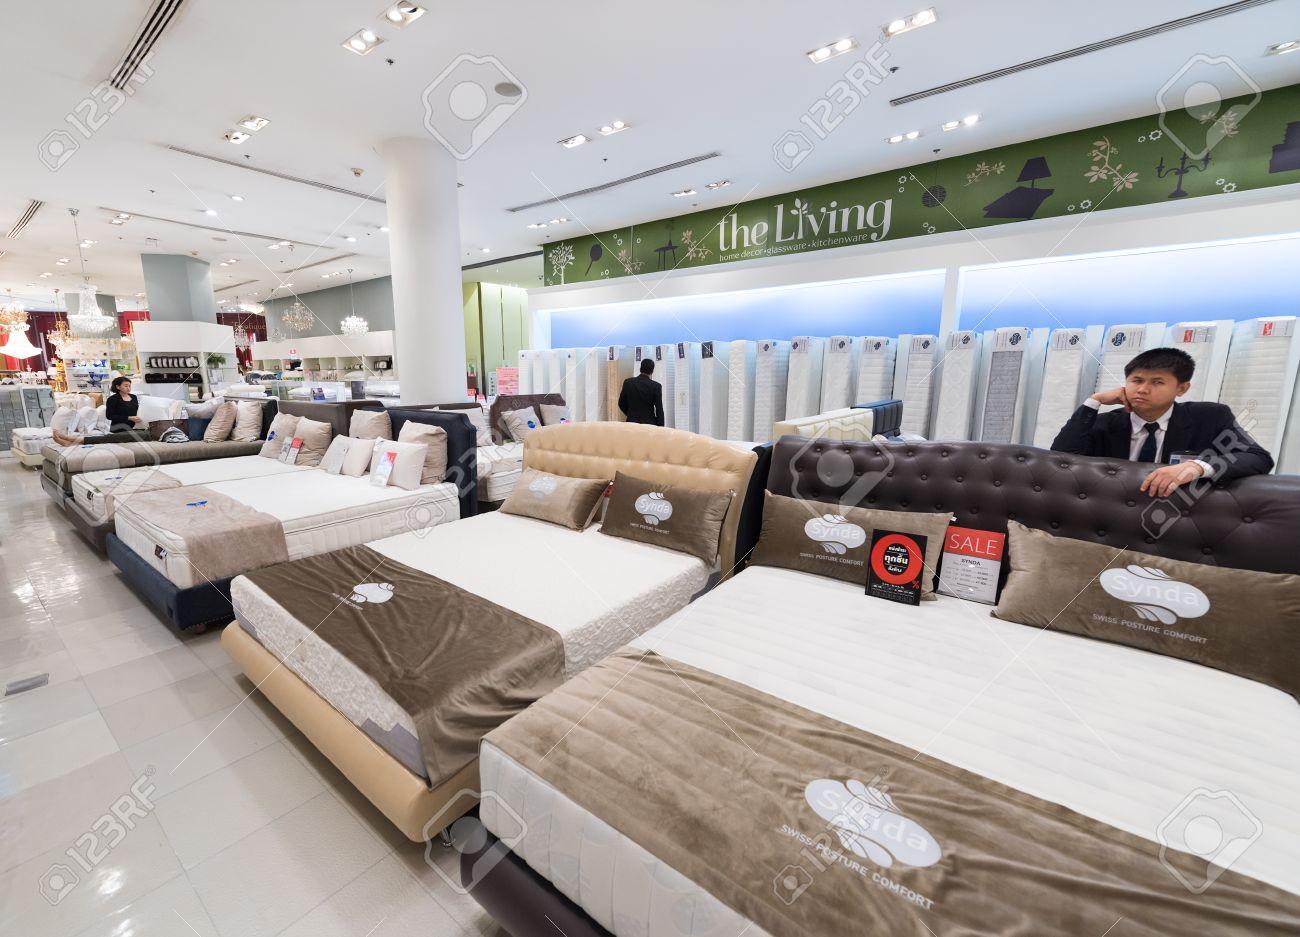 BANGKOK - MARCH 17, 2016: Various mattresses and pillows at a..